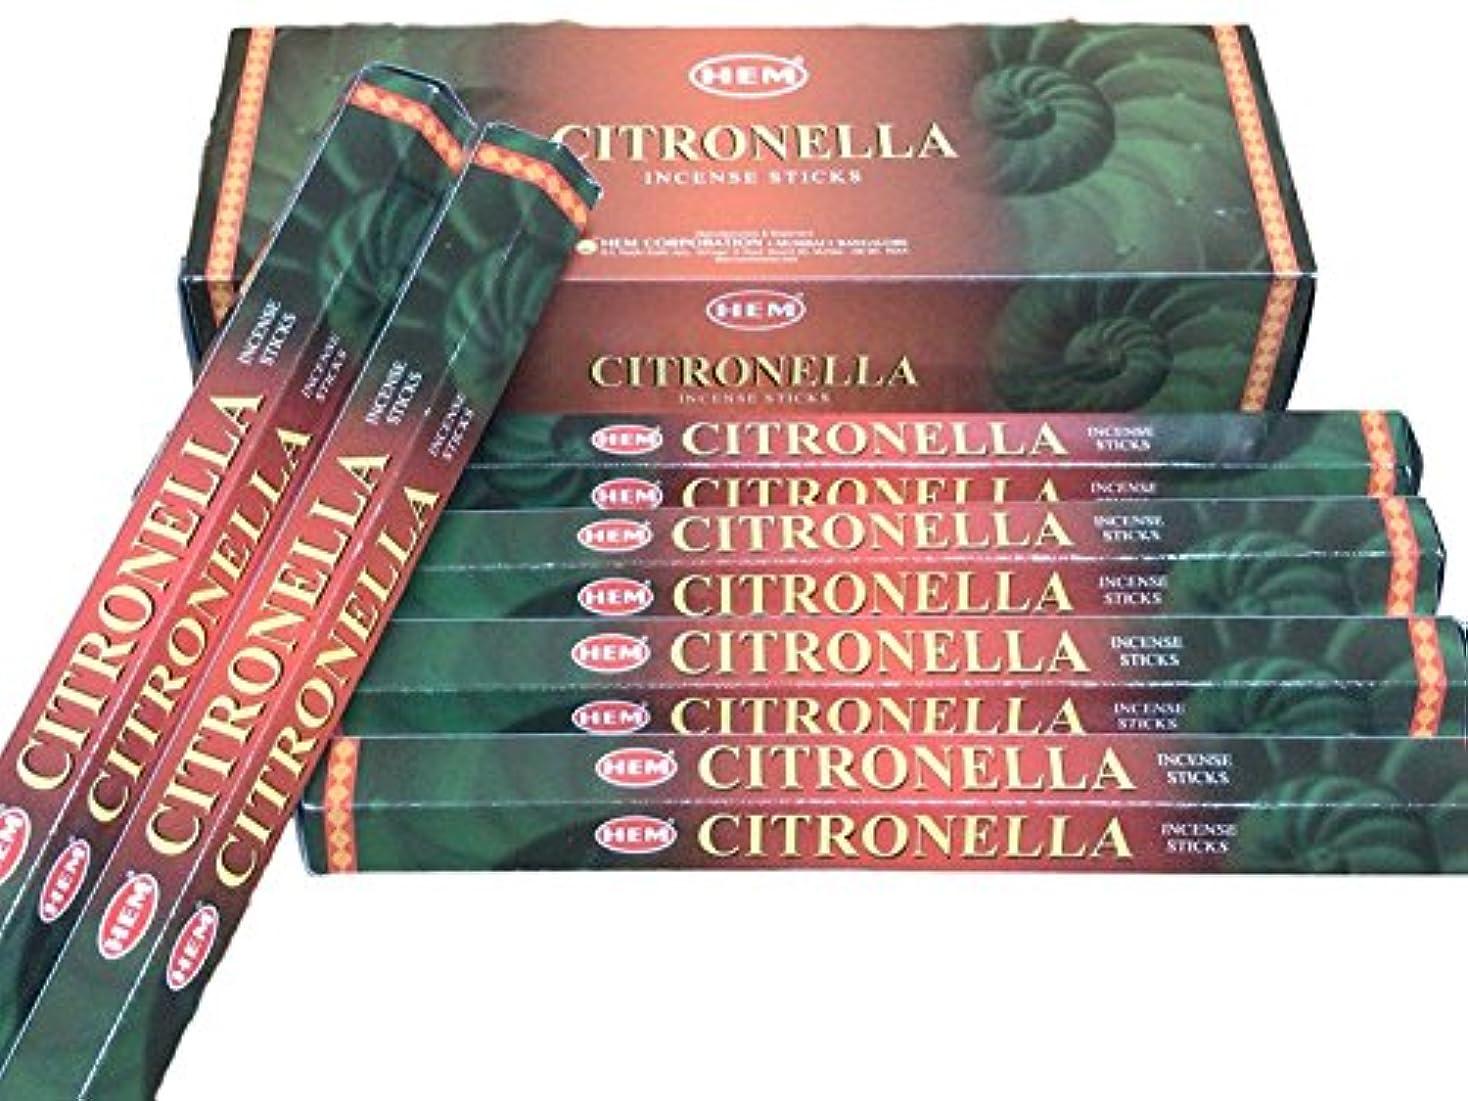 ランドマーク開発する道徳教育HEM ヘム シトロネラ CITRONELLA ステック お香 6本 セット